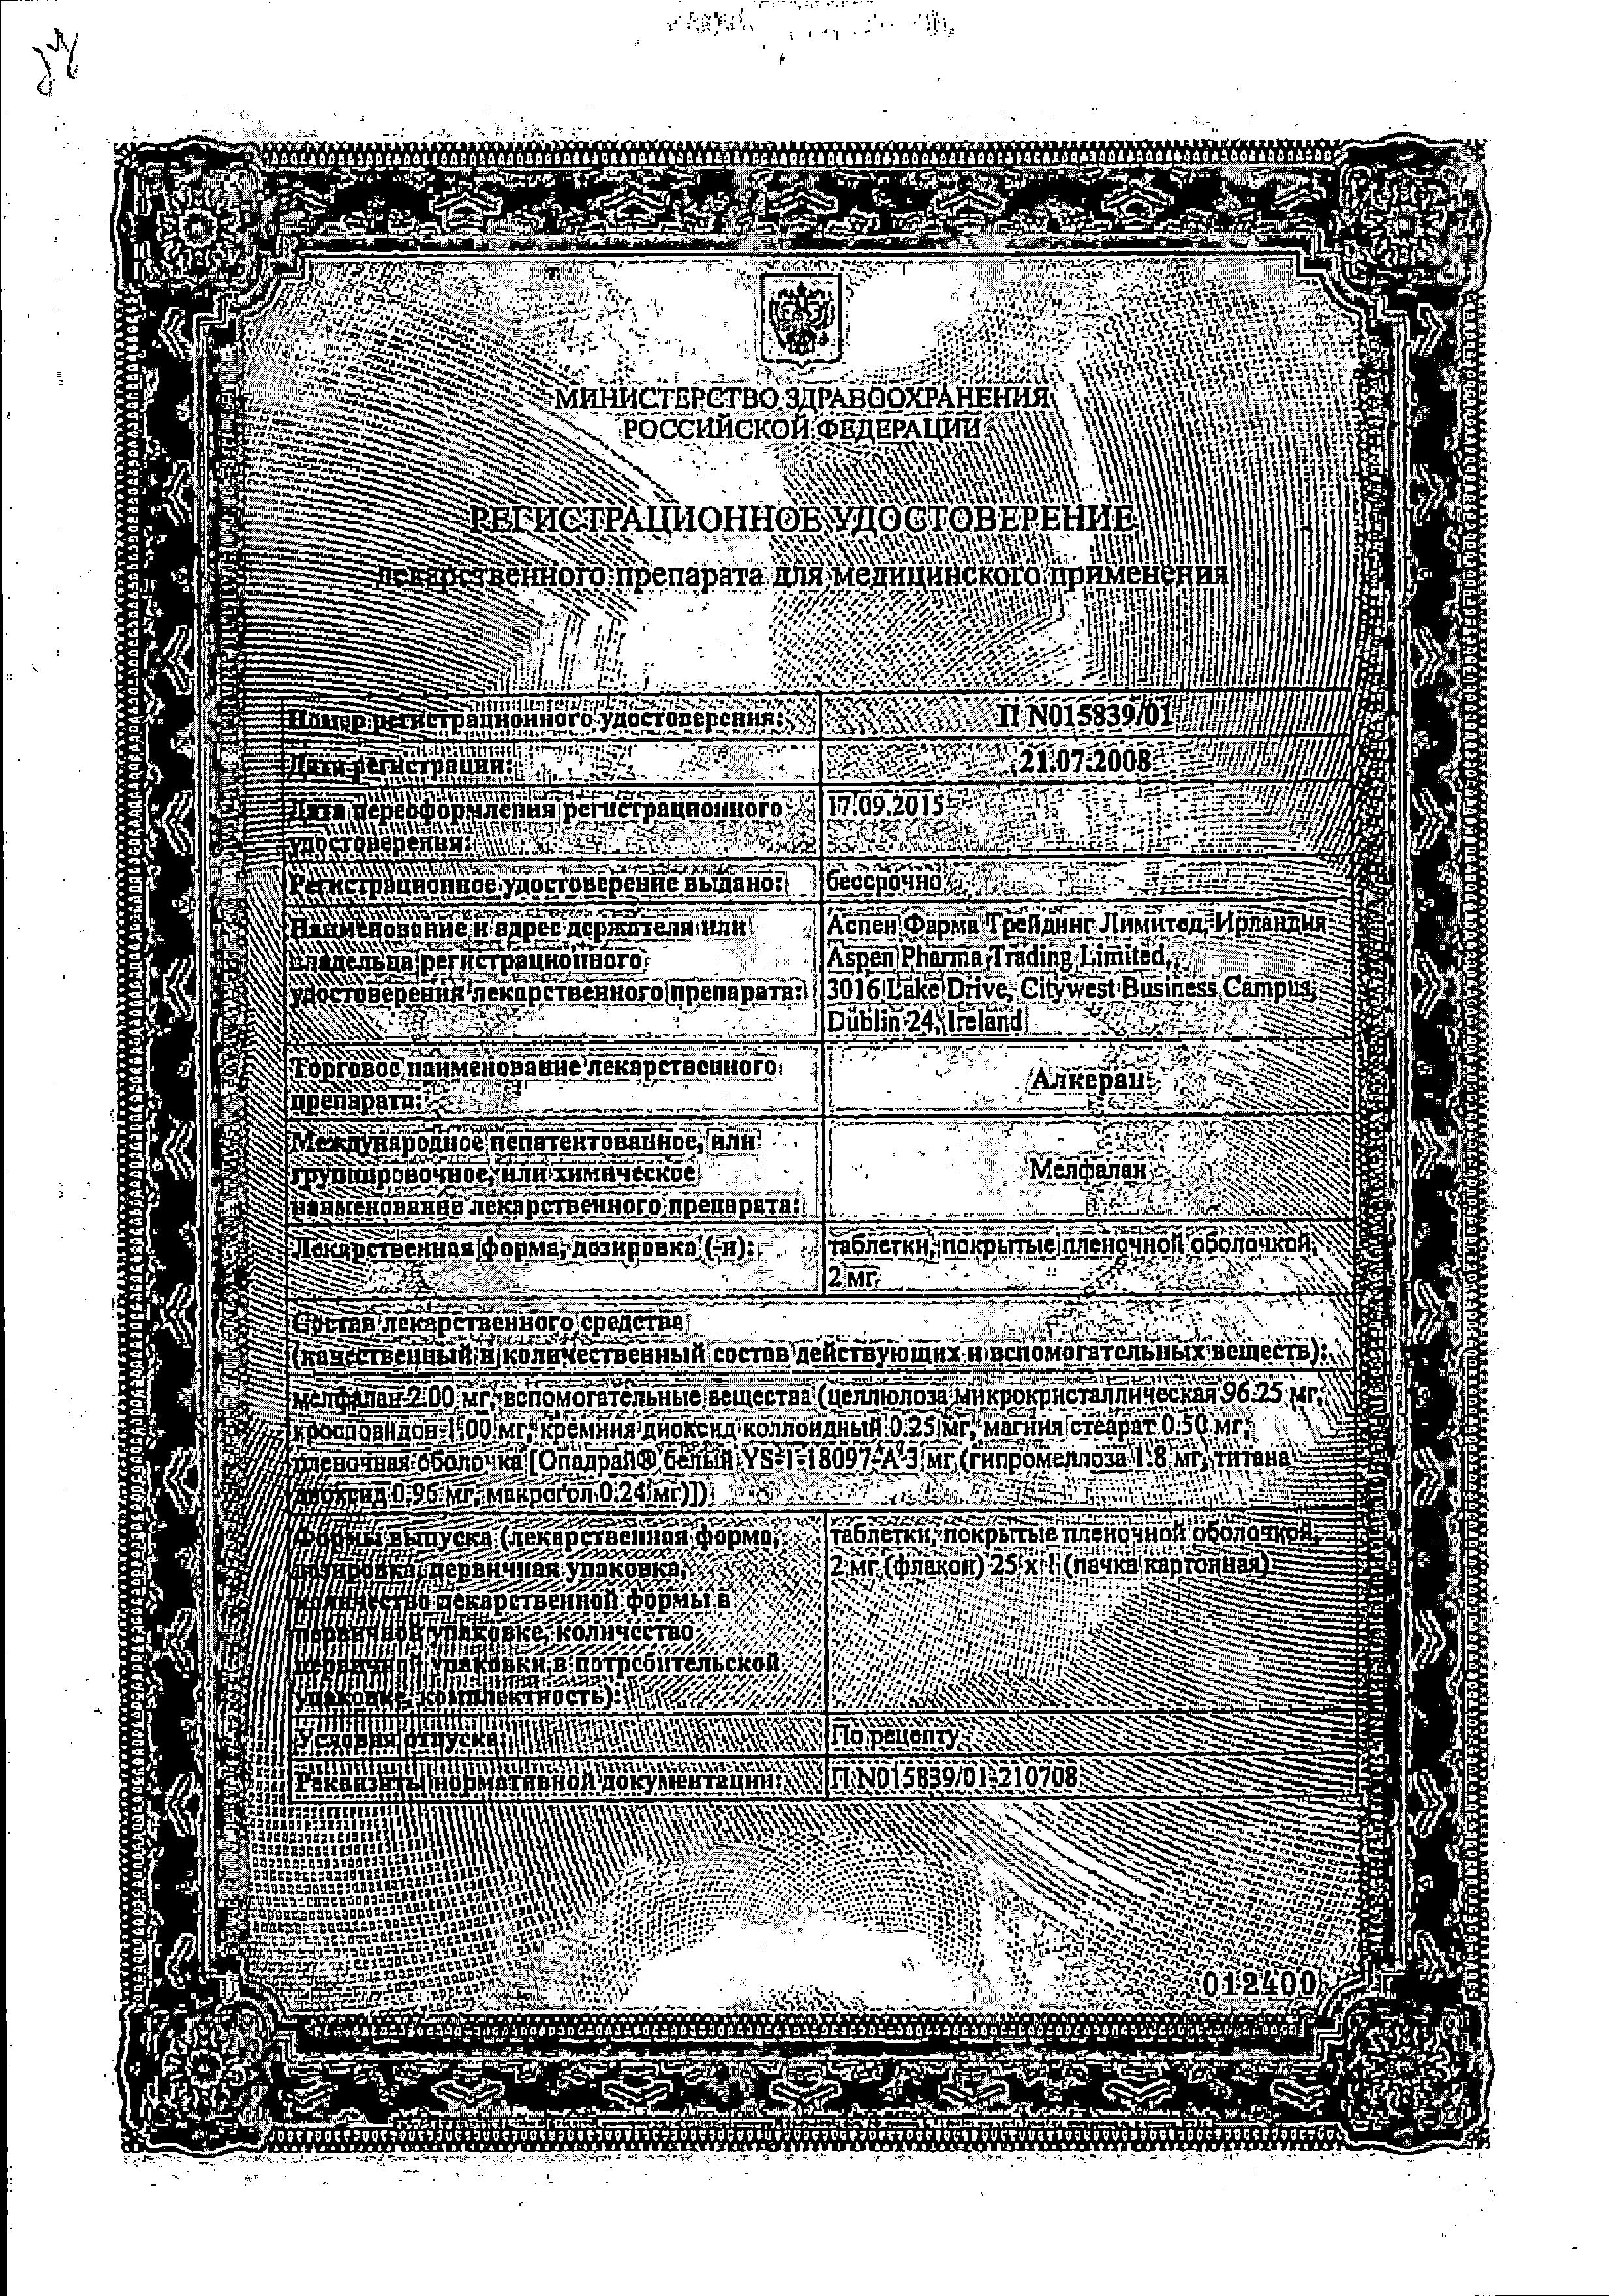 Алкеран сертификат